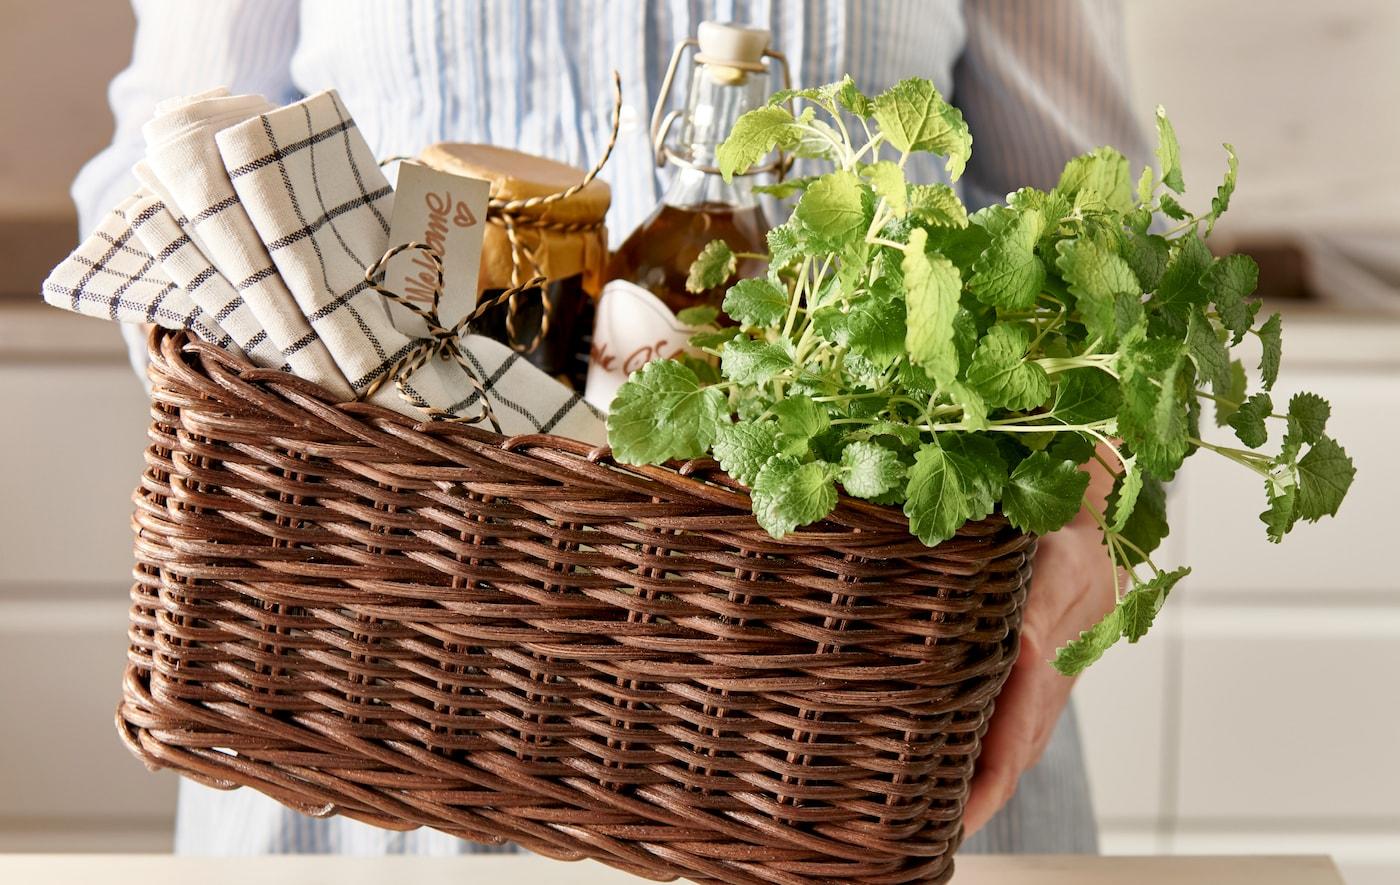 手里拿着一个 GABBIG 伽比 篮筐,里面装着带有装饰带的厨房用巾、玻璃罐装的自制蜜饯和新鲜香草。